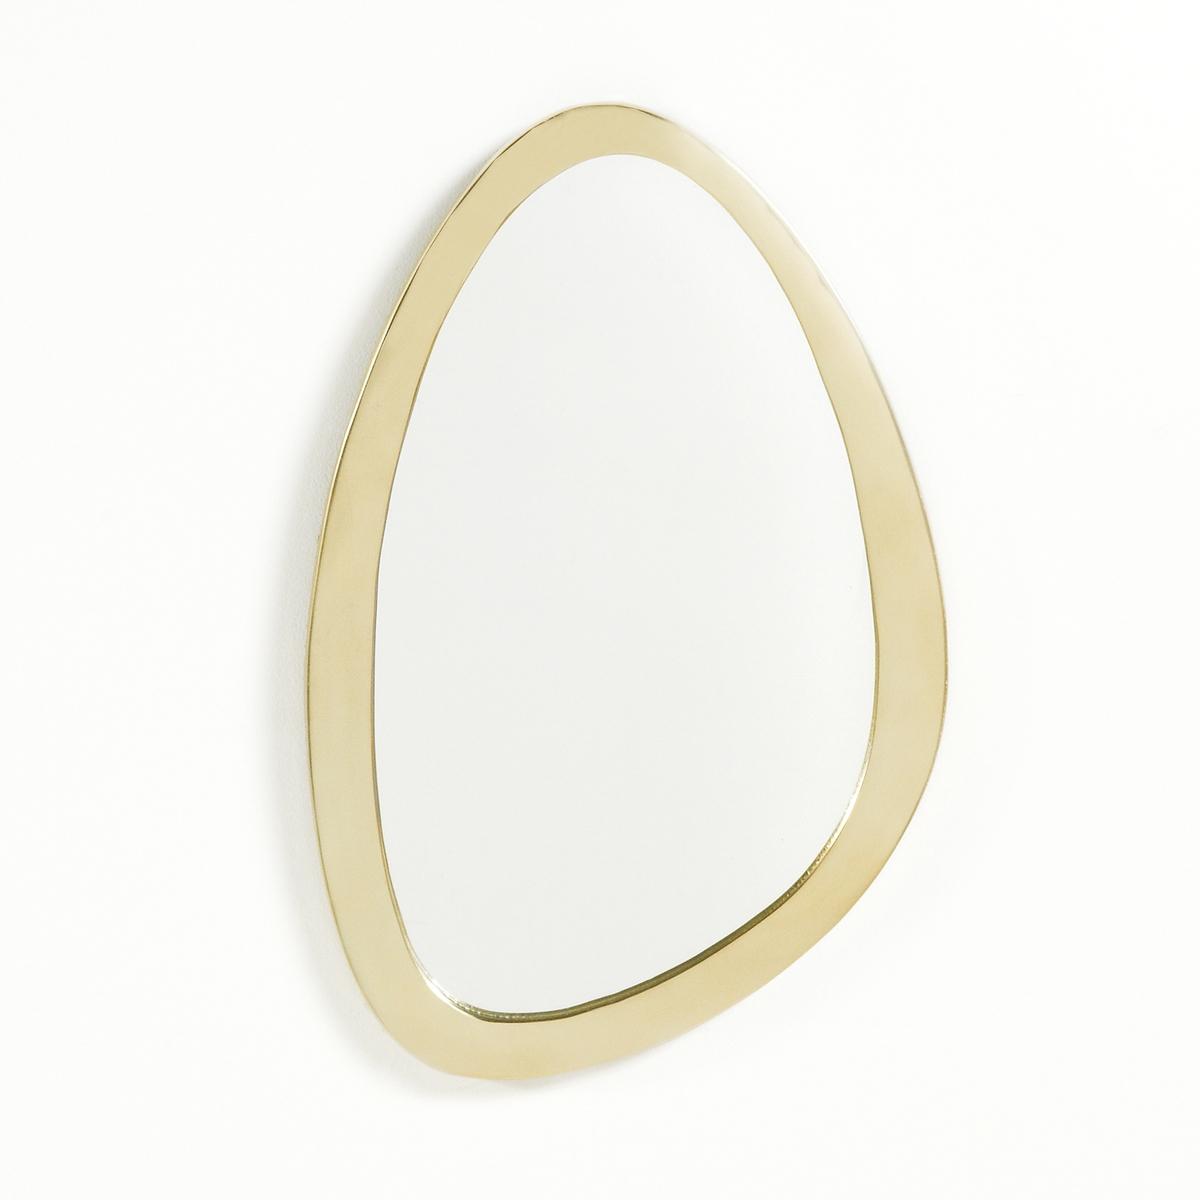 Зеркало латунноеЭто оригинальное зеркало в стиле 60-х удивит Ваших гостей своим необычным дизайном и подчеркнет Ваш вкус.  Характеристики зеркала  :Литая алюминиевая оправа с латунной отделкой.2 крючка для крепления на стену (горизонтально или вертикально)- Шурупы и дюбеля продаются отдельно  Размеры зеркала  :Д26 x В40 смНайдите всю нашу коллекцию декоративных зеркал на сайте laredoute.ru  Для размера на 180 на 140 см: длина 180 см, ширина 140 см. Для размера 240 на 140 см: длина 240 см, ширина 140 см. Для размера 350 на 140 см: длина 350 см, ширина 140 см..<br><br>Цвет: латунь<br>Размер: единый размер